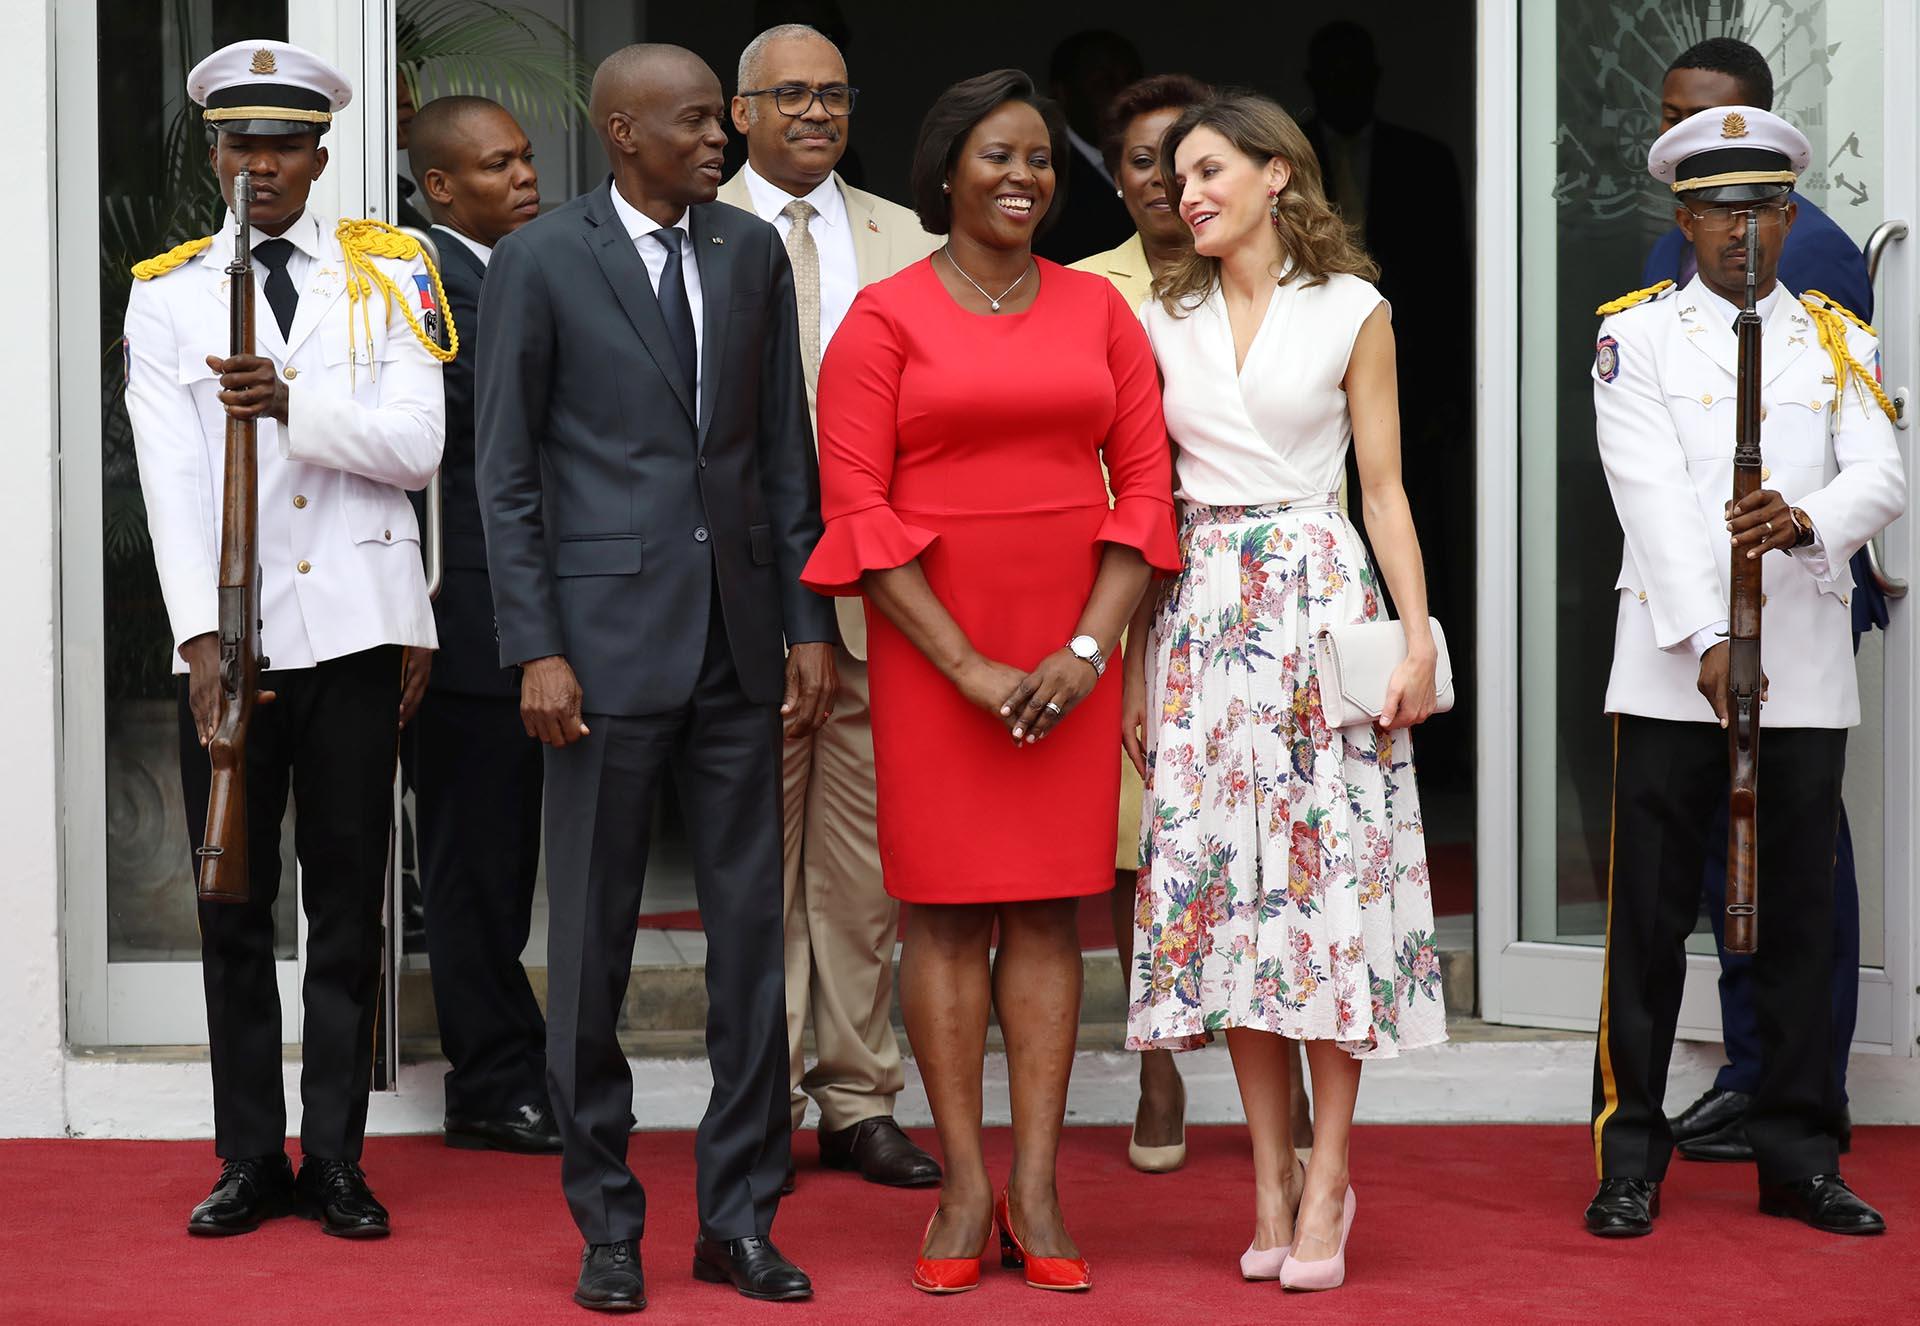 Letizia, acompañada por el presidente de Haití, Jovenel Moise, y su mujer. La monarca eligió un look sencillo pero elegante, acorde a un compromiso diurno. Su look estaba compuesto por una blusa cruzada blanca y una maxi falsa estampada